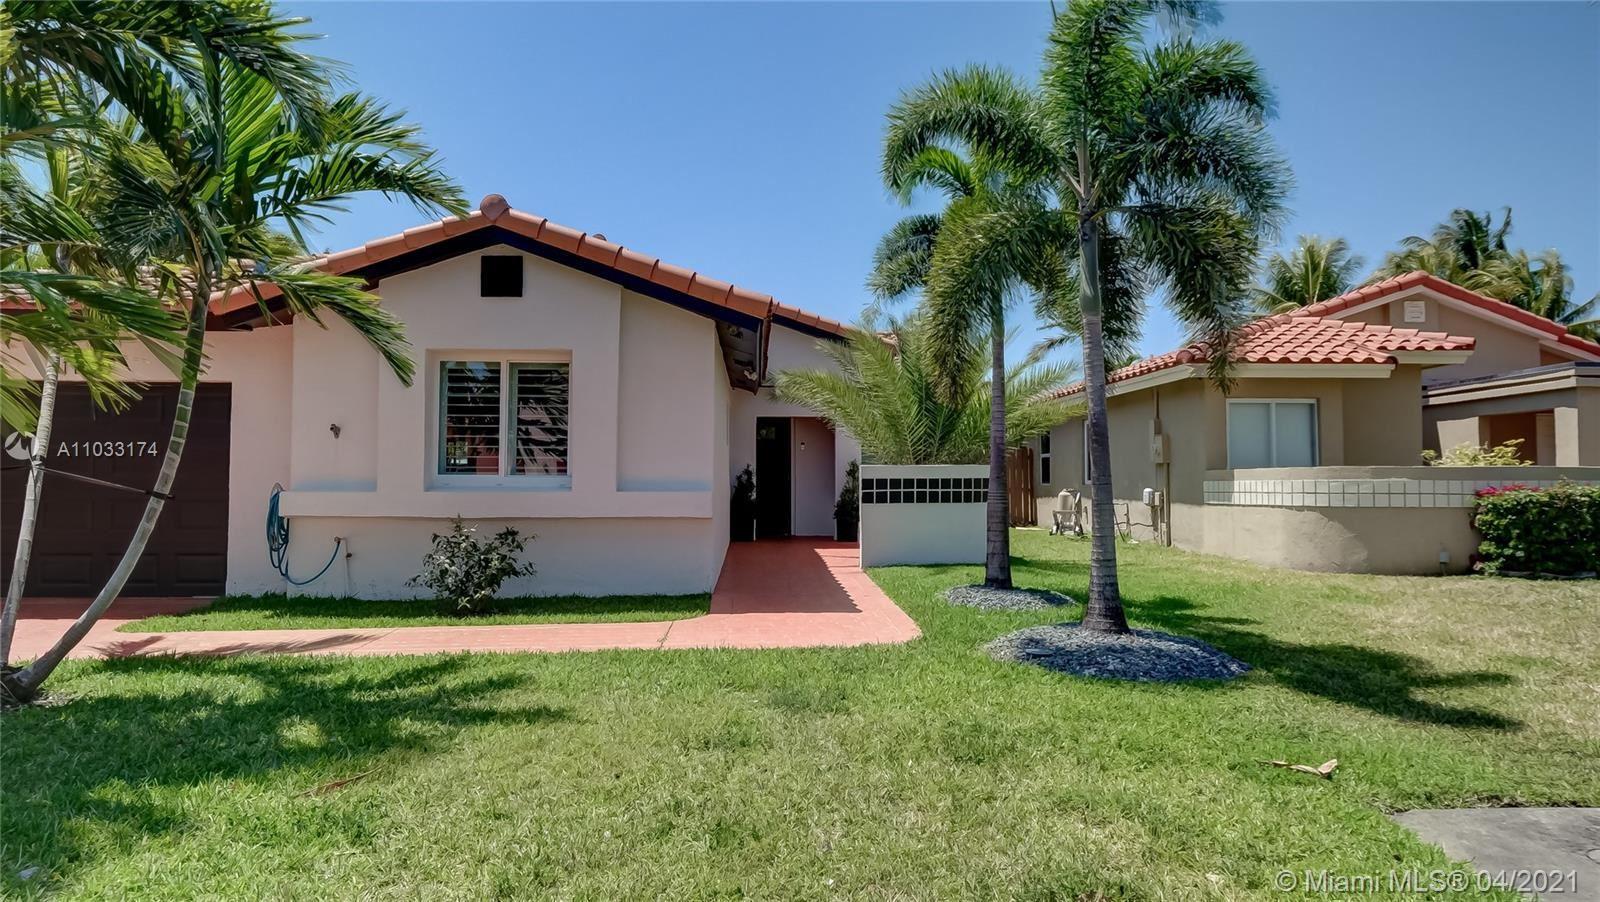 11120 SW 148th Ct, Miami, FL 33196 - #: A11033174